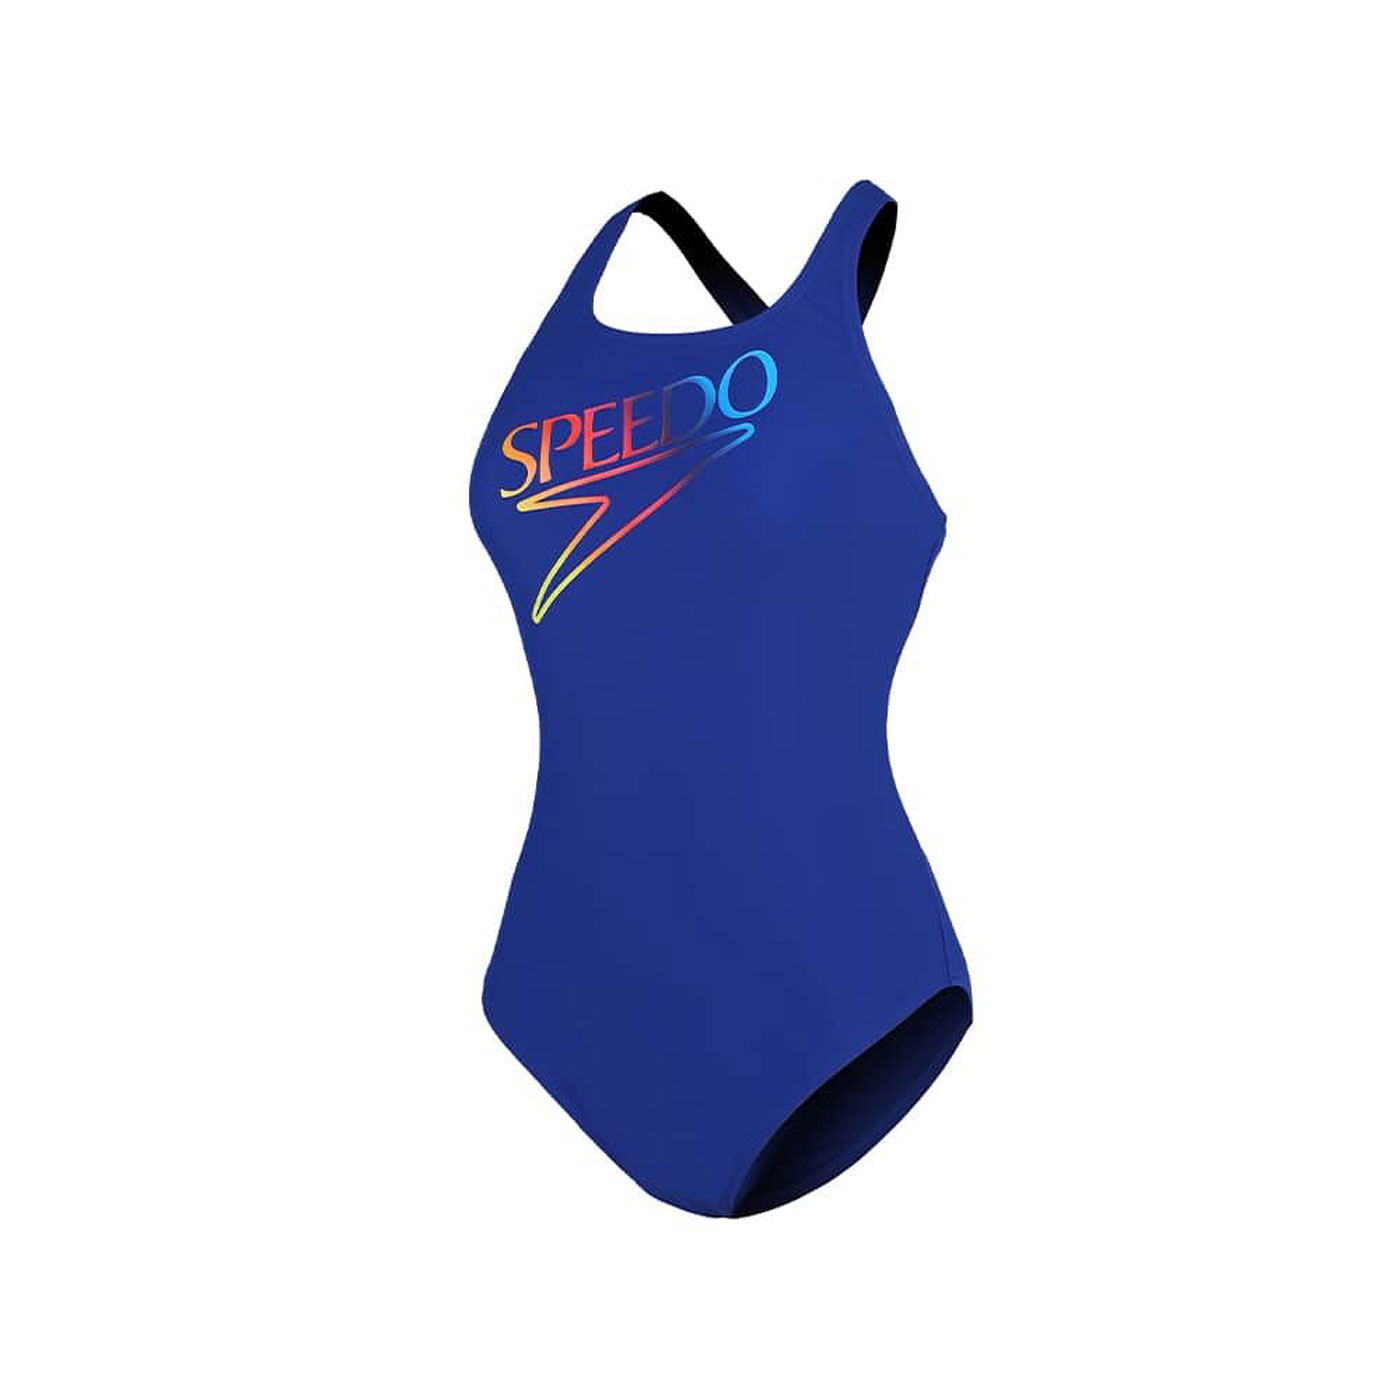 SPEEDO 女款運動連身泳裝 SD812523G064